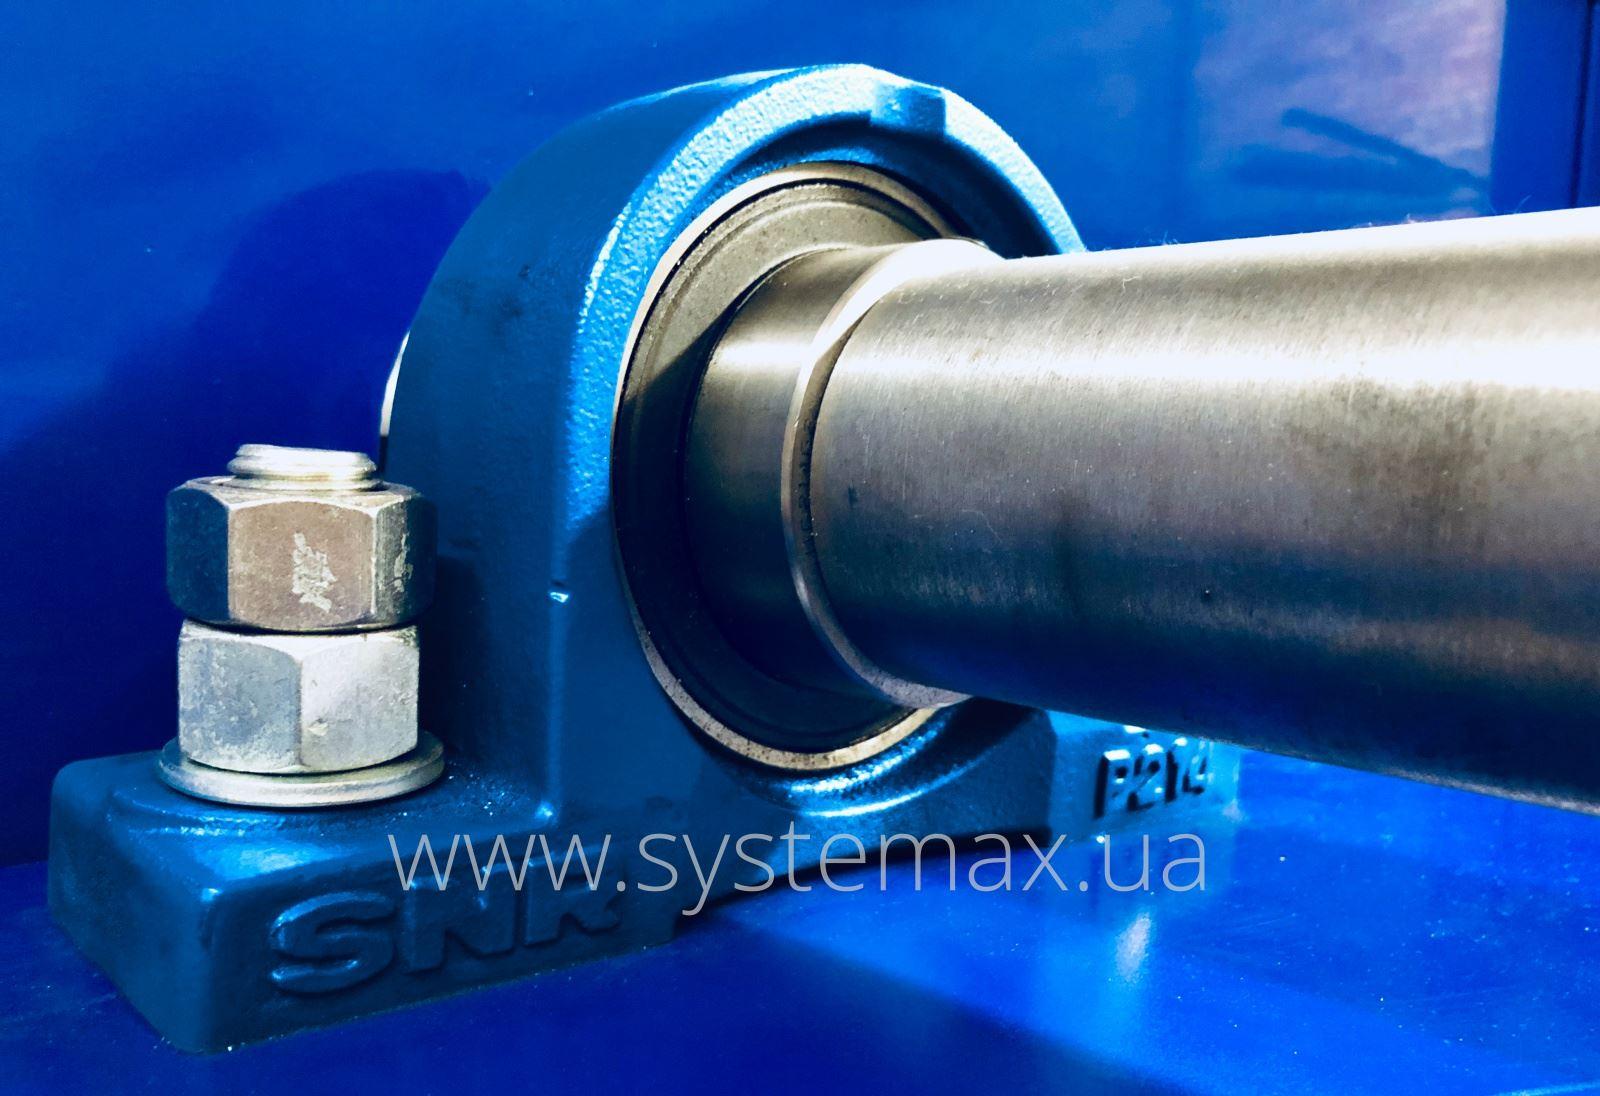 Подшипниковый узел SNR на вентиляторе ВЦП 6-46-10 по схеме 5